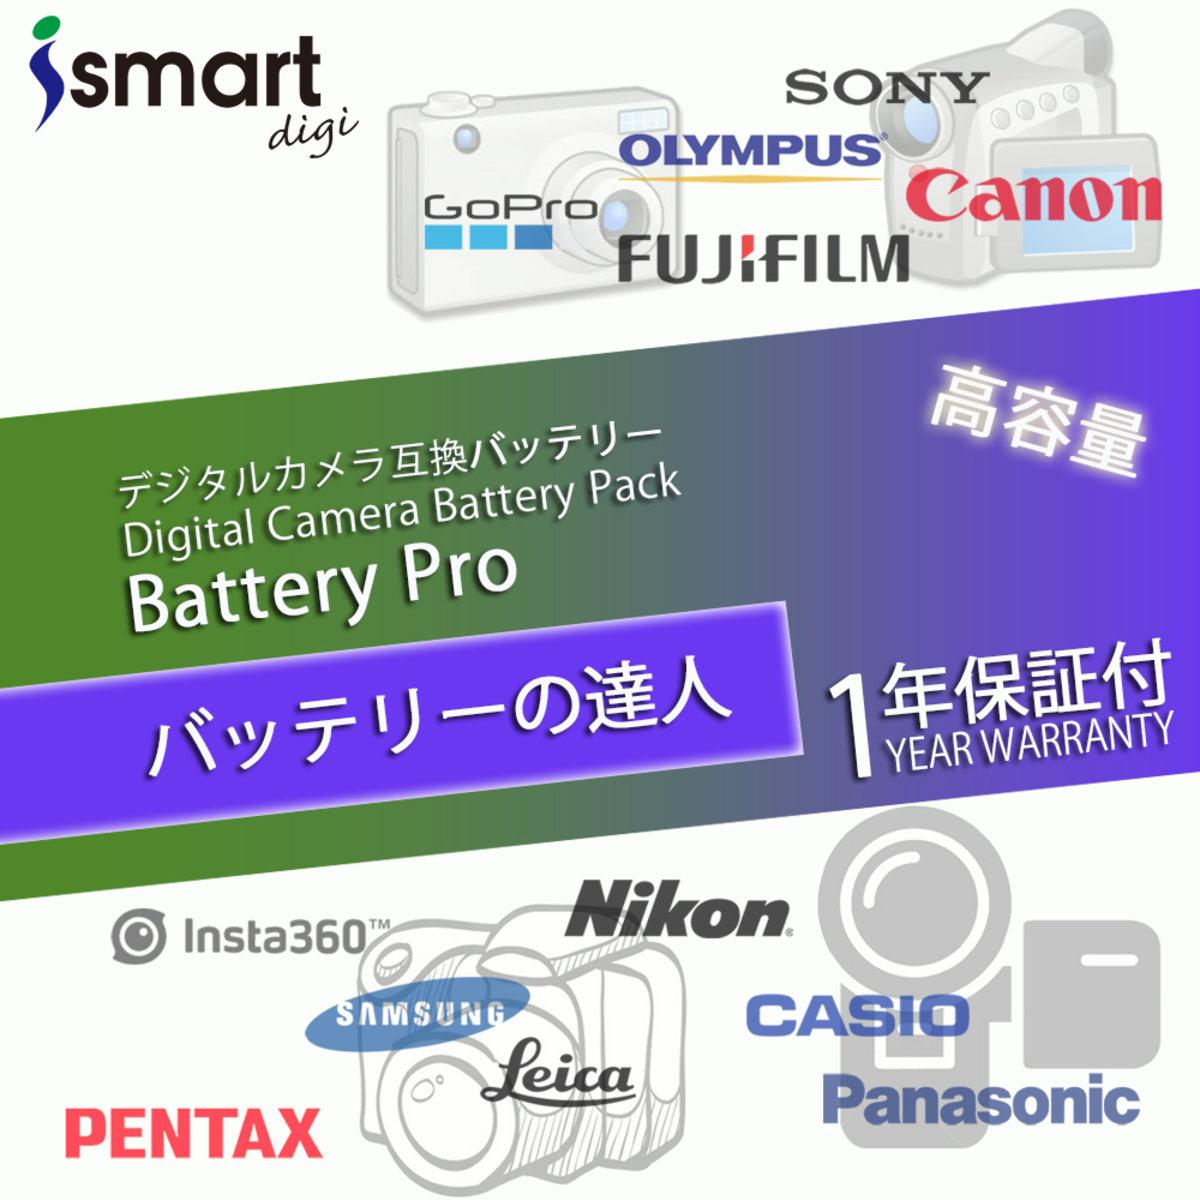 奧林巴斯數碼相機電池(適合:Mju Tough TG-160, Mju Tough 8000, 6000, 6010, Mju Tough u9000, µ Touch-8000, Mju Tough 3000, Mju 5010)